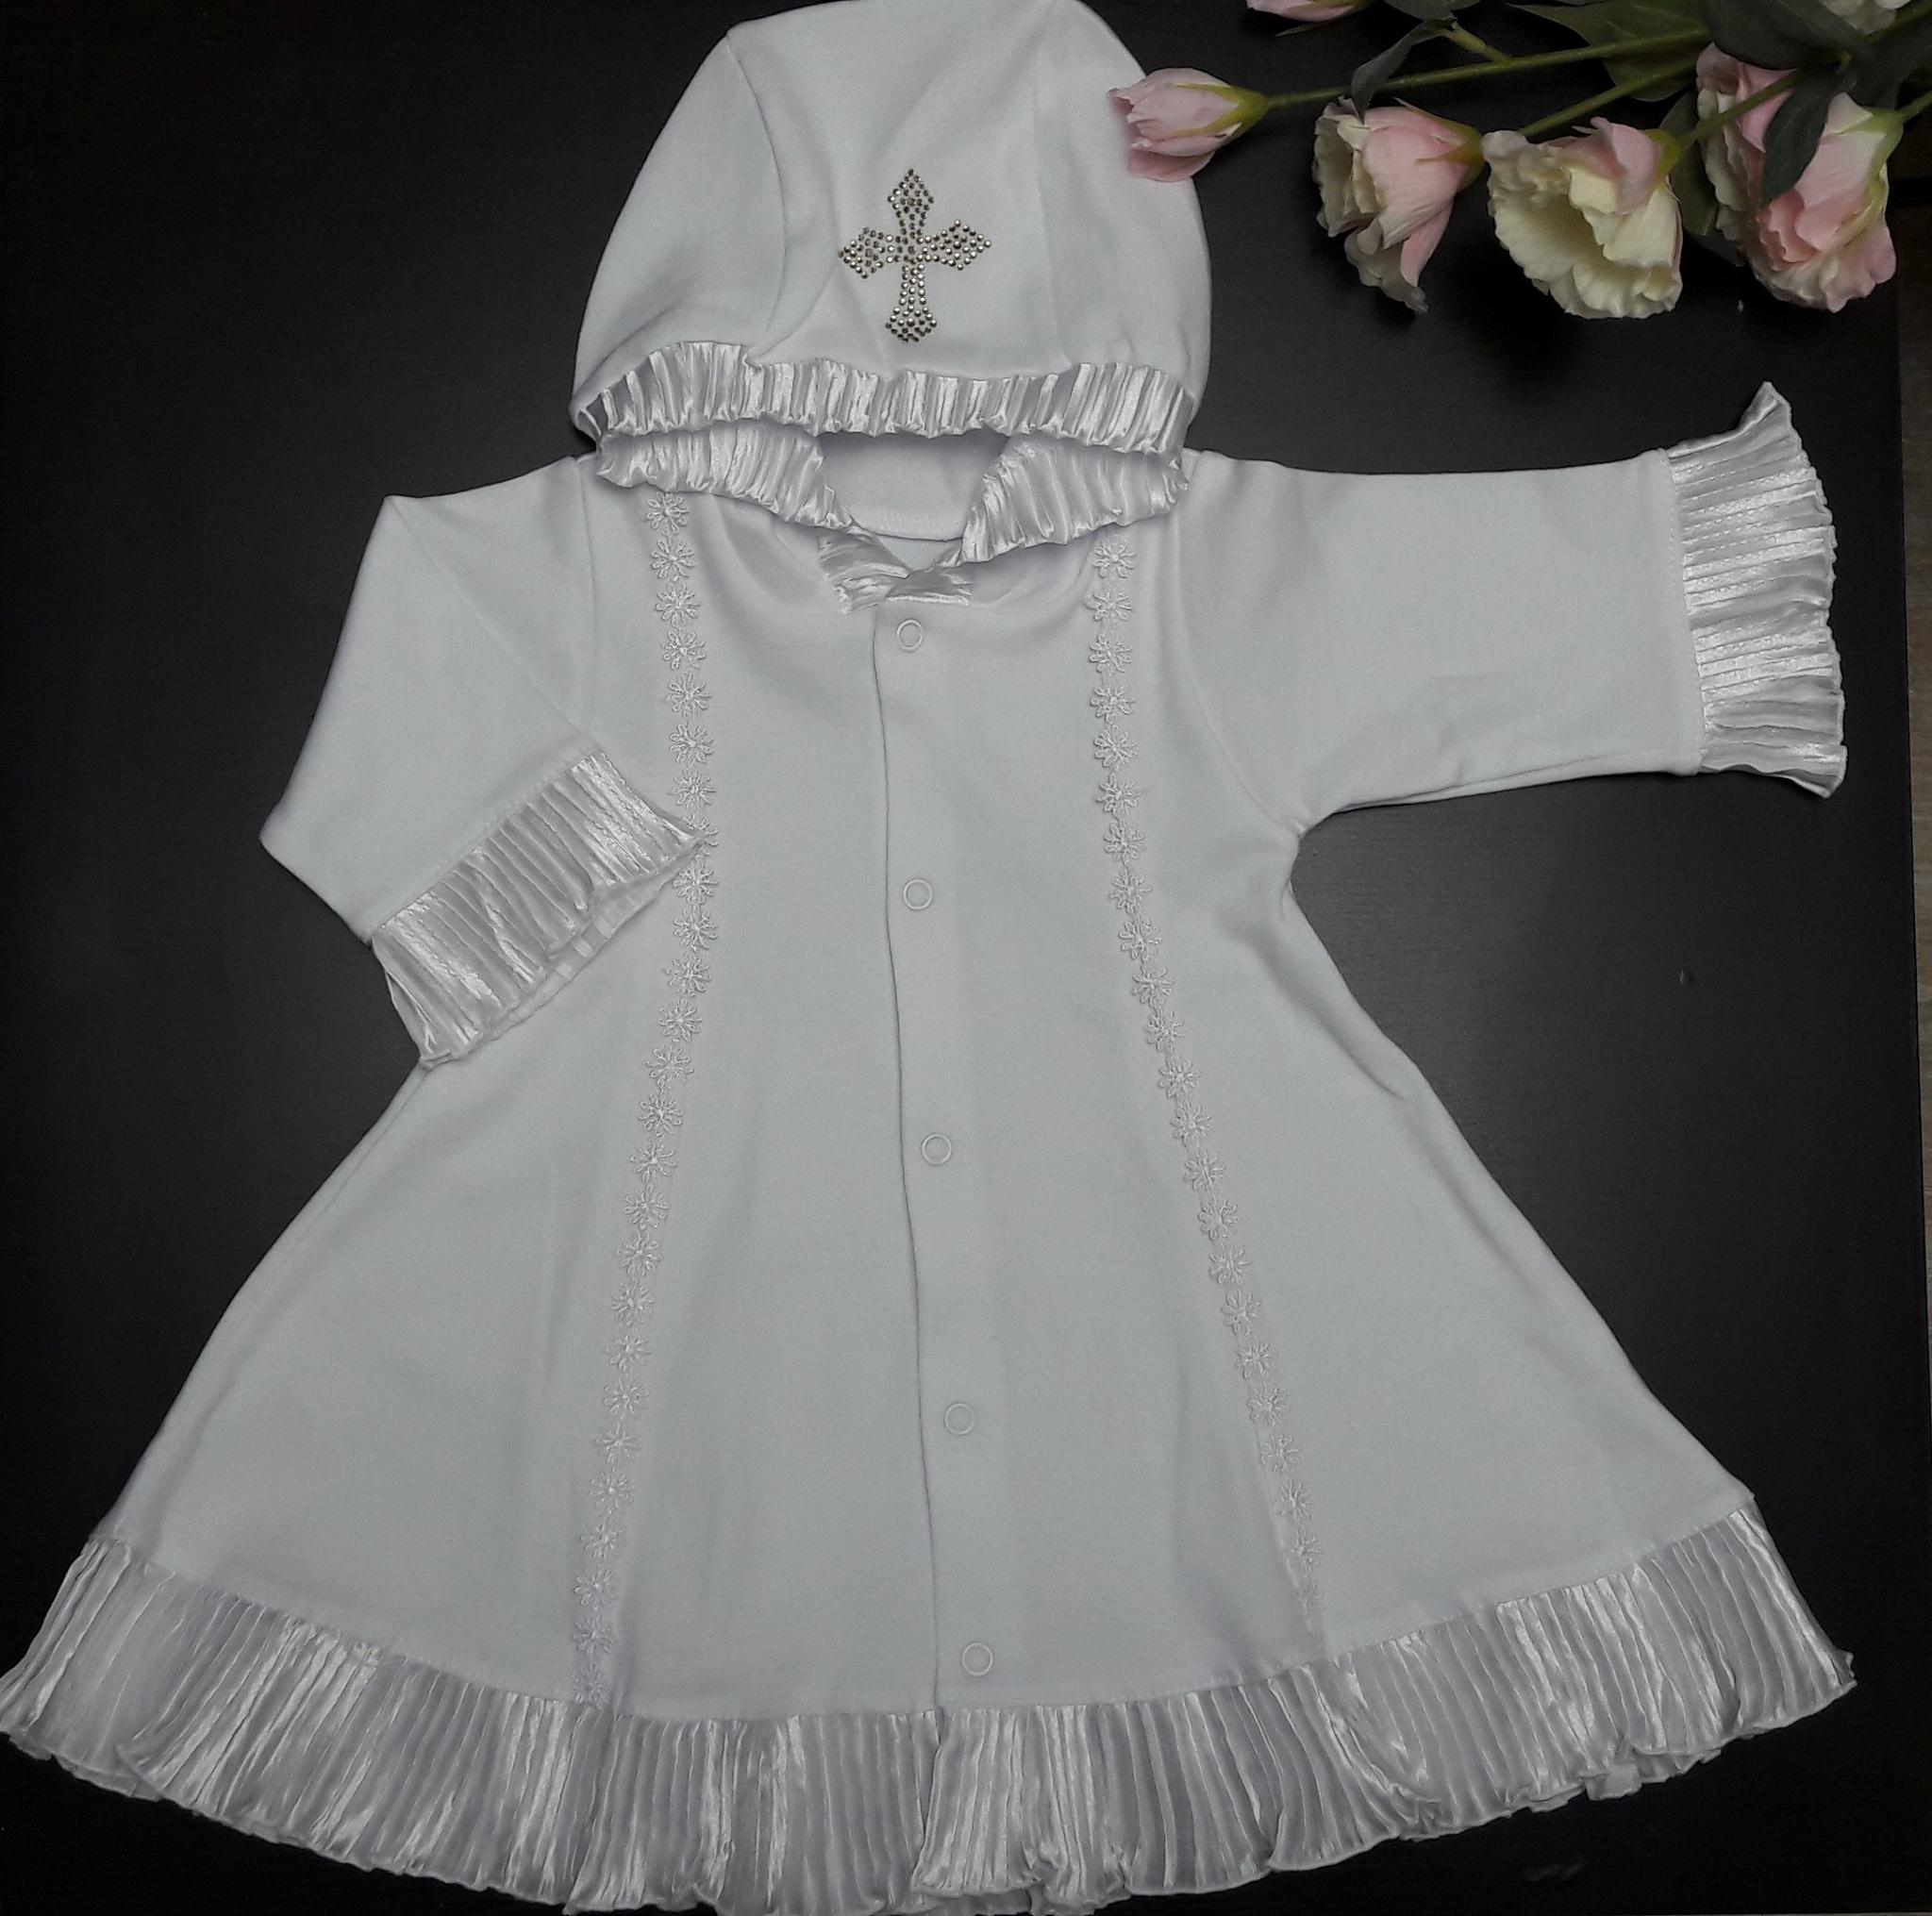 платье для крещения картинки ассортимент